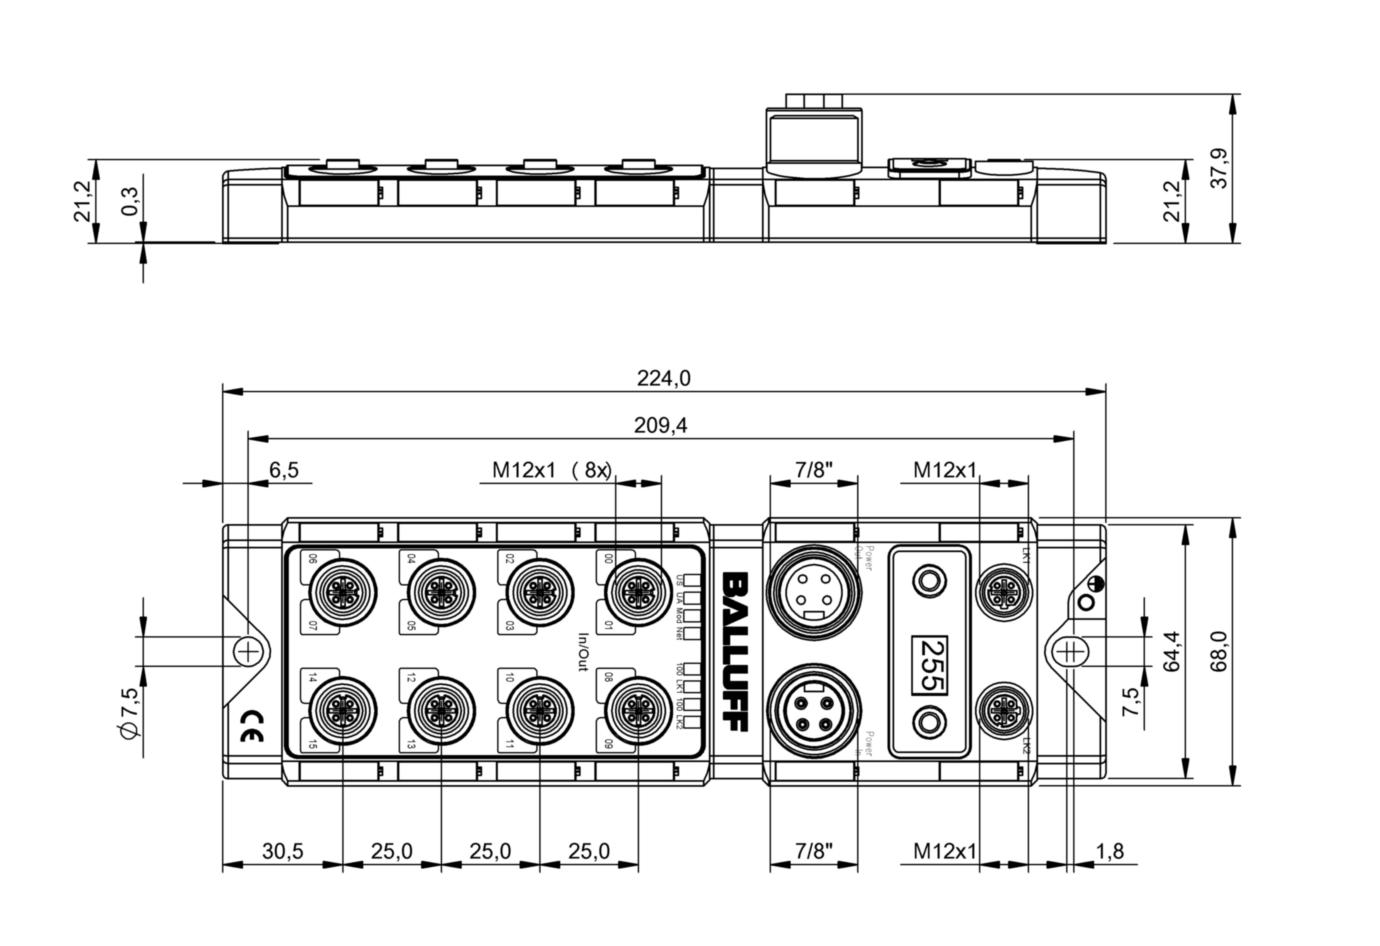 BNI004F - BNI EIP-302-105-Z015 - Balluff